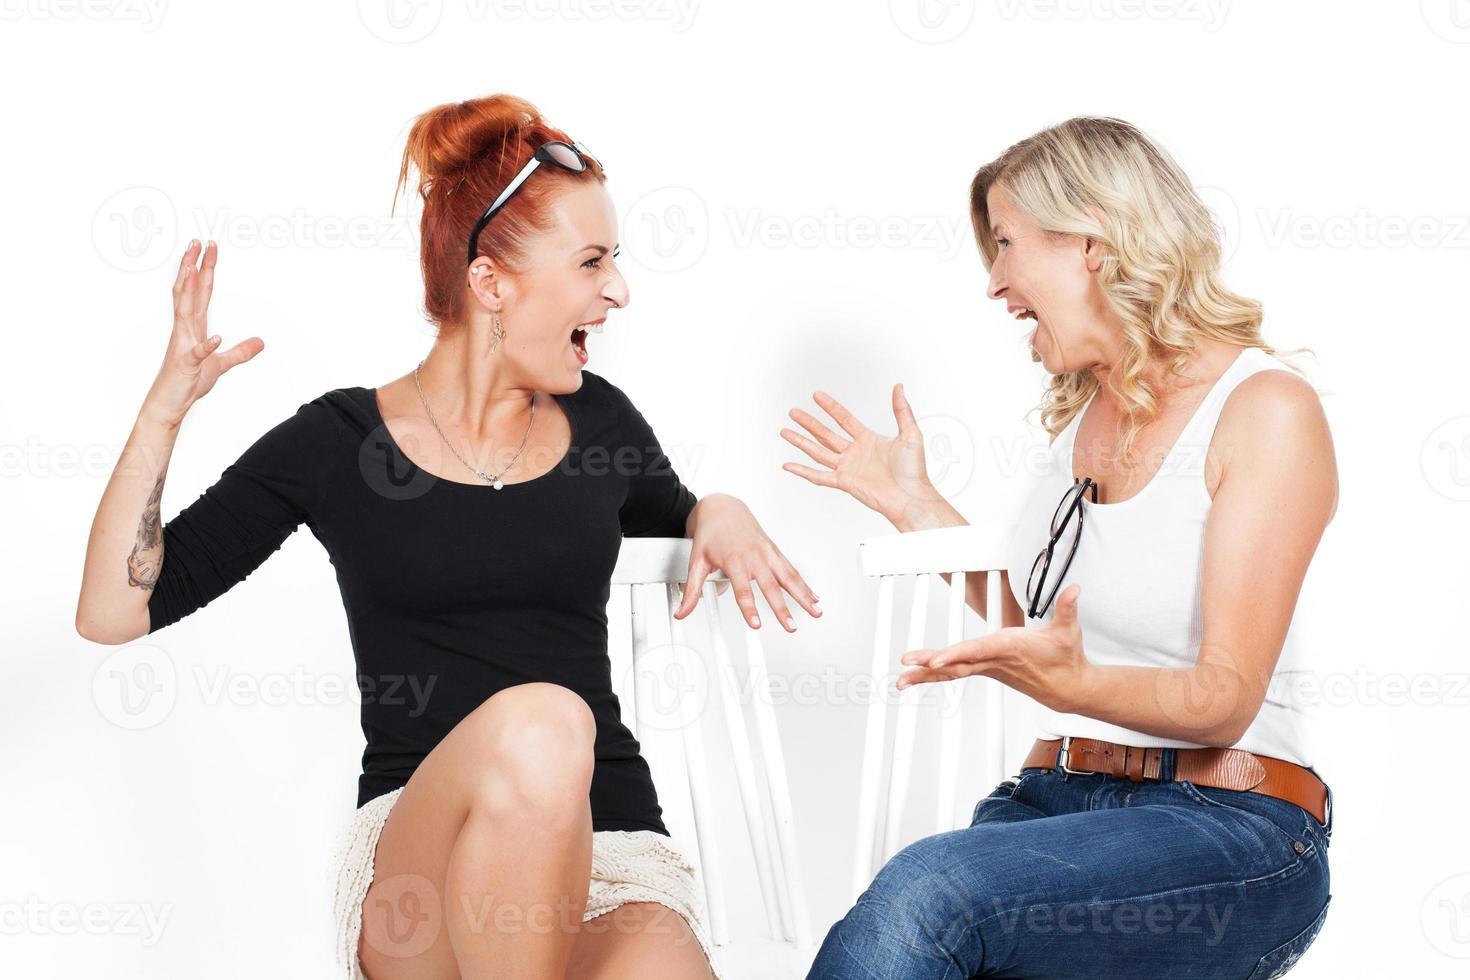 vacker vuxen kvinna och dotter, bråk, en familj gräl, skrika, foto